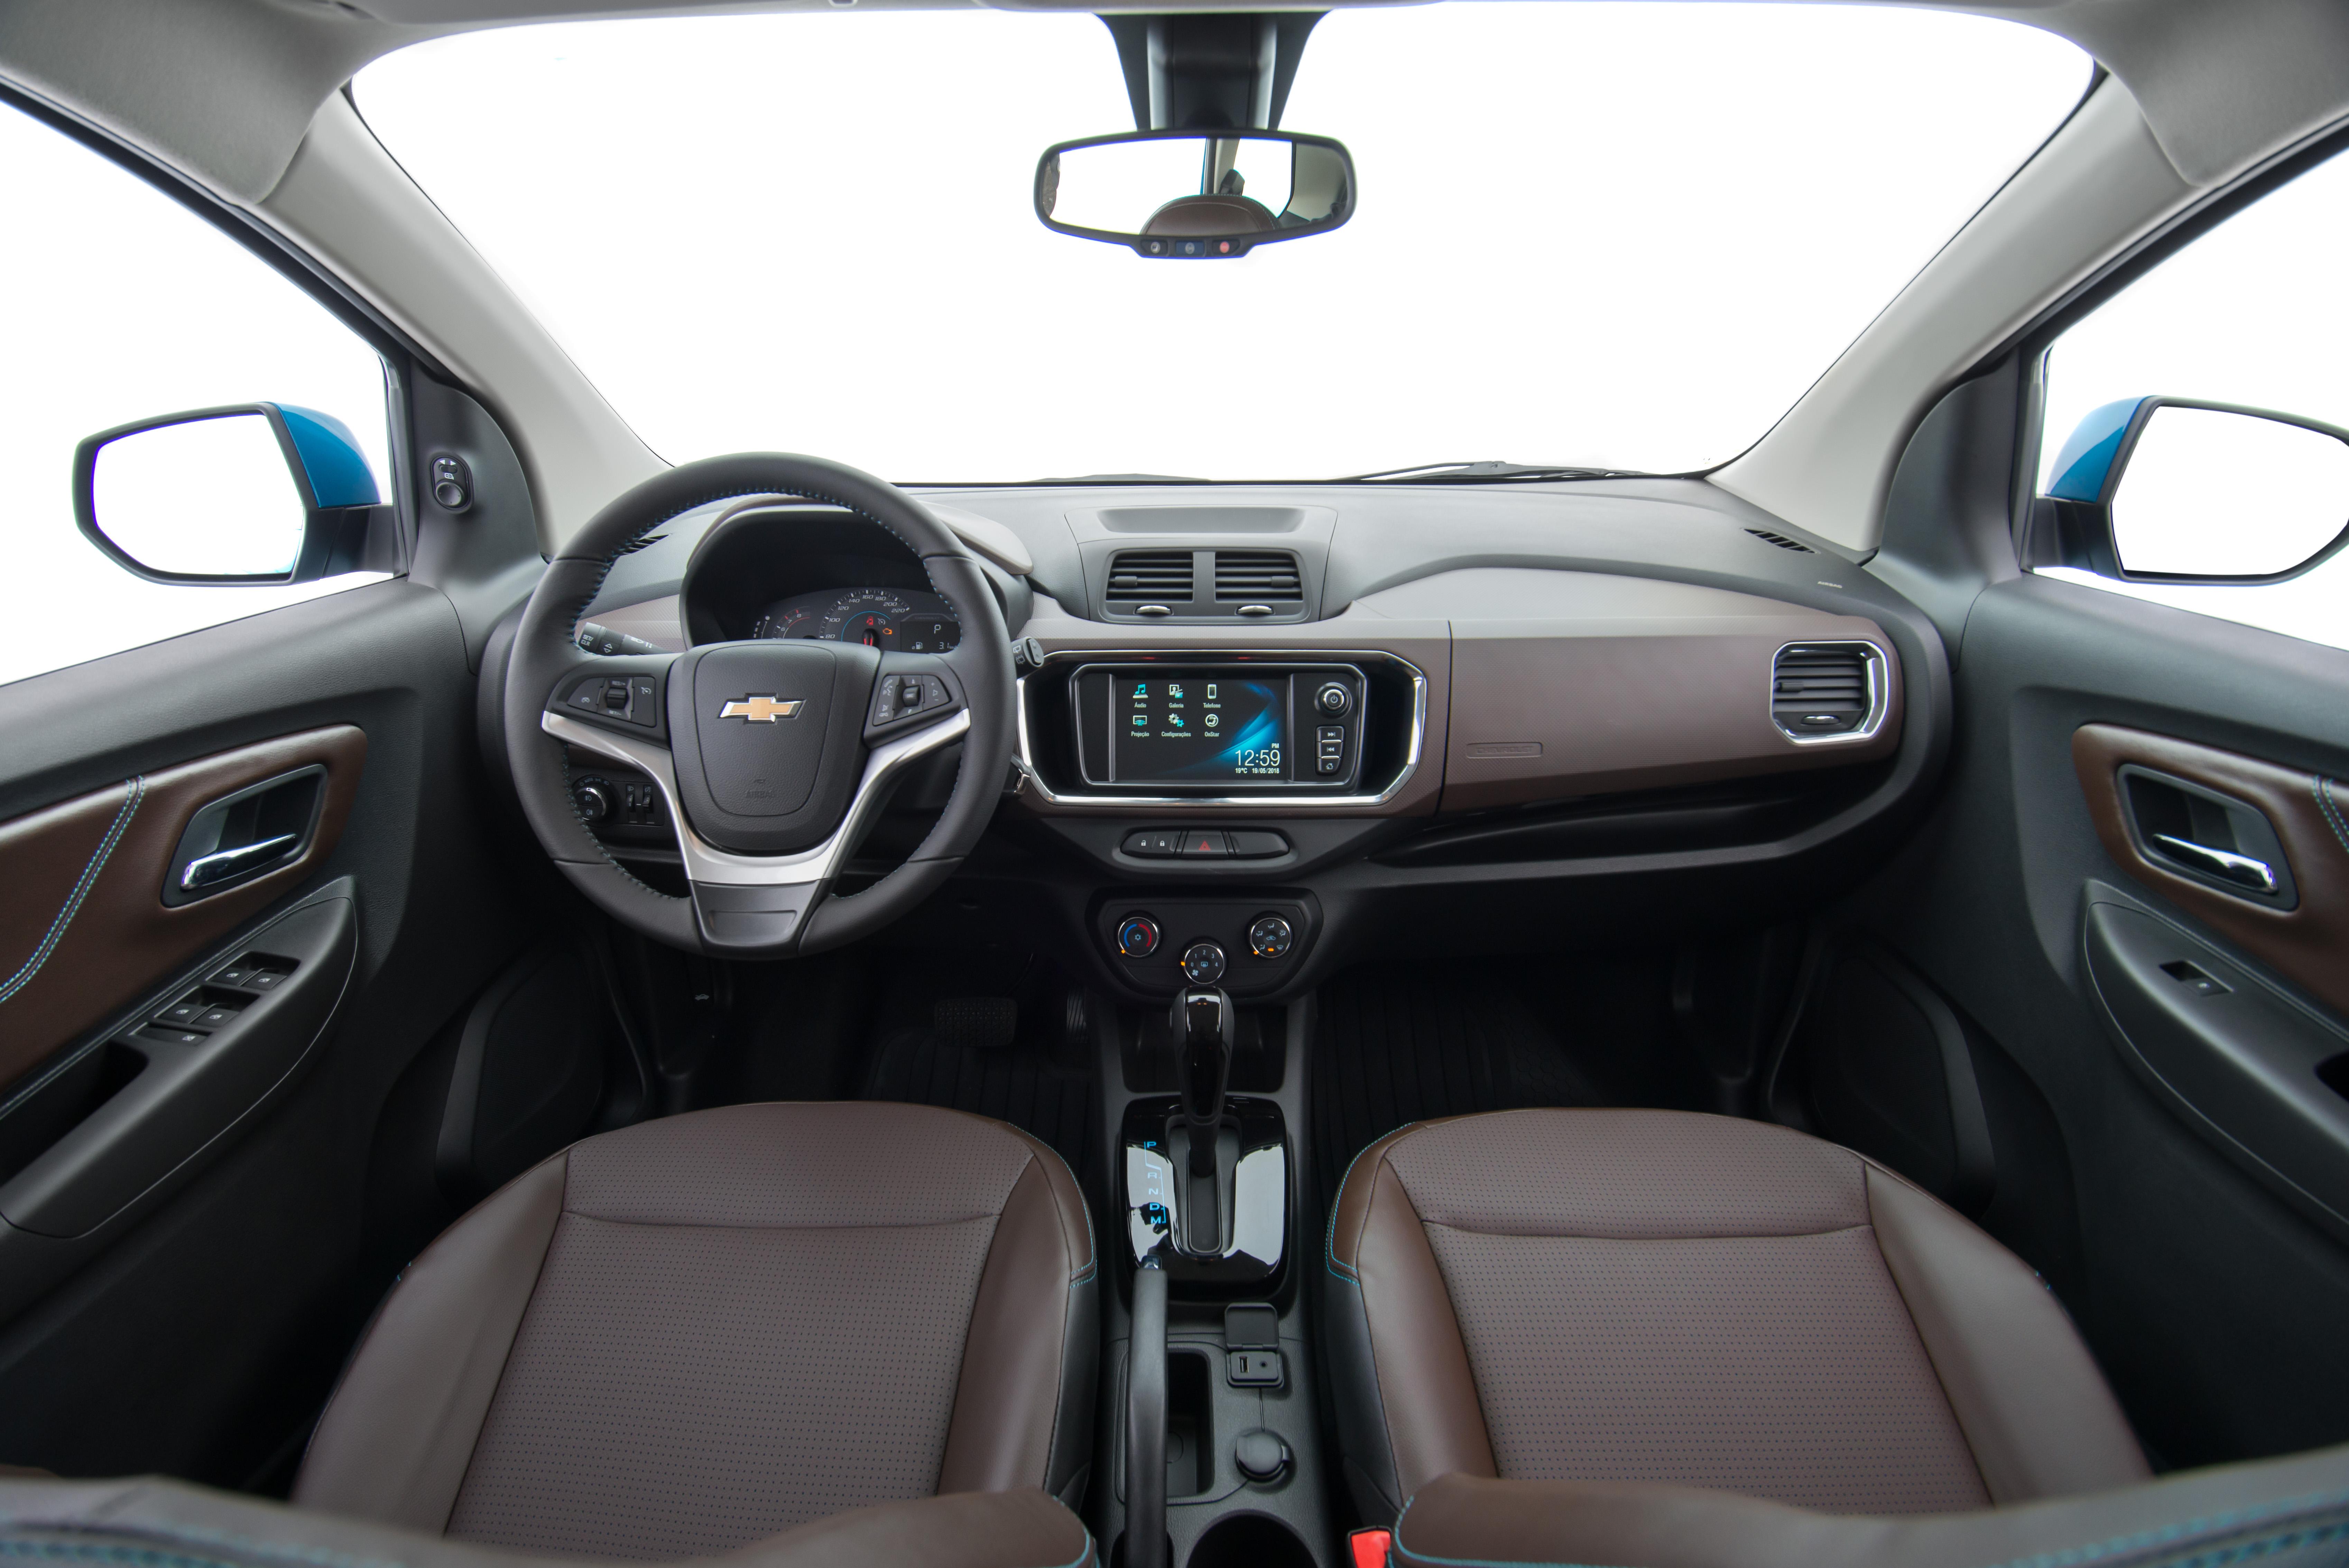 O acabamento interno da minivan segue a filosofia dos demais carros da marca, com bastante plástico; versão LTZ (foto) traz detalhes em marrom e revestimento diferenciado